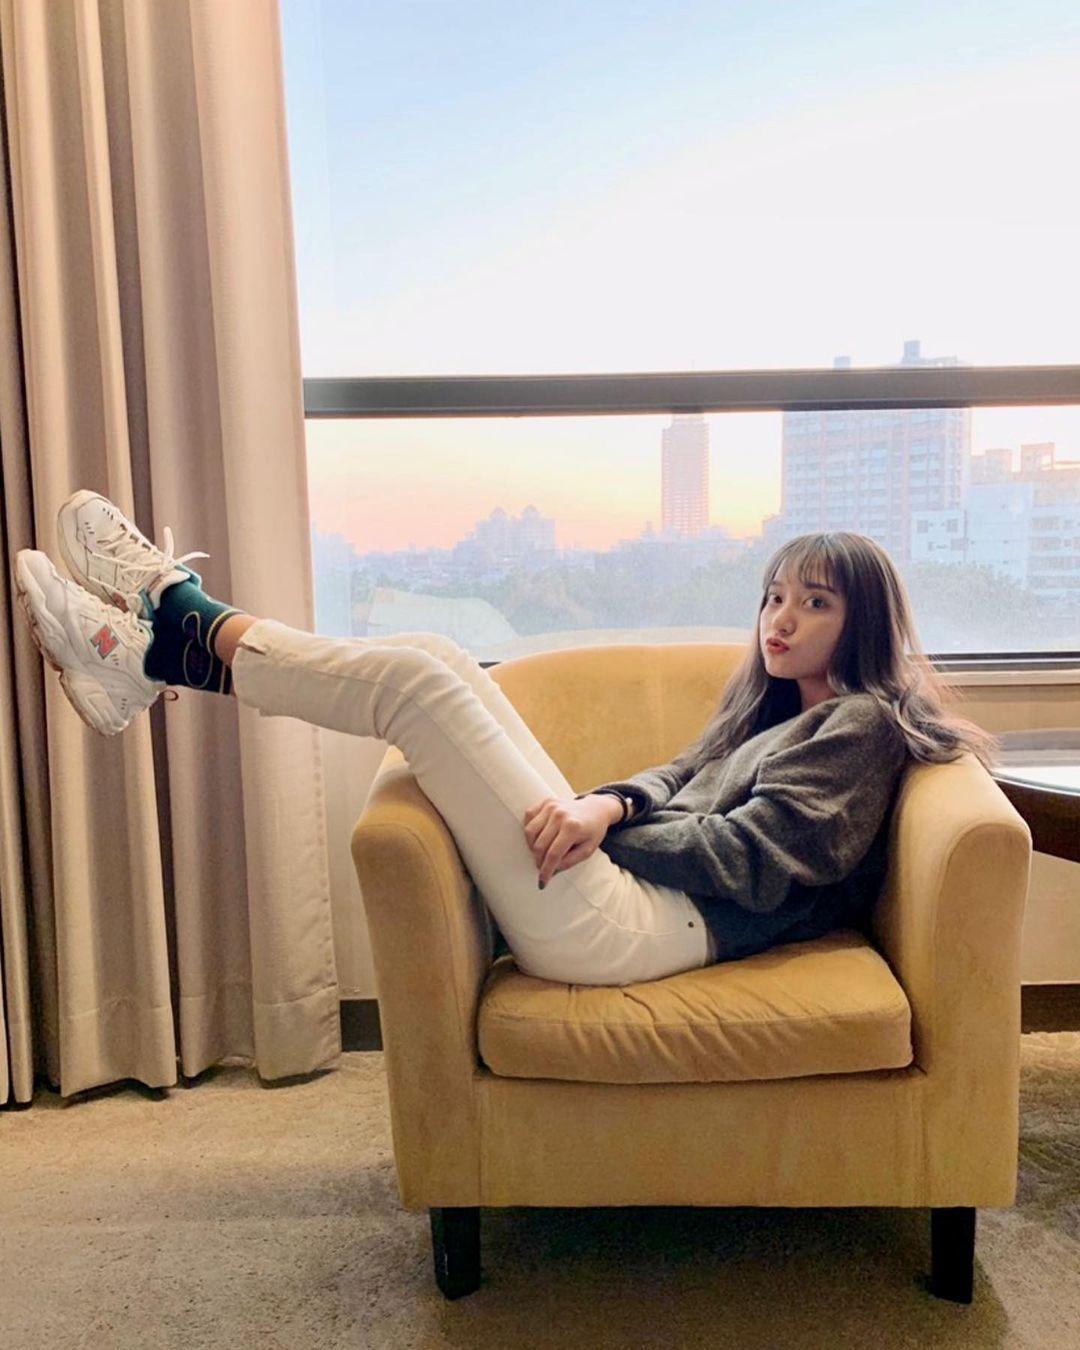 高雄小港高中18岁清纯学生妹,短发俏丽笑容甜美,个人IG好几万人追踪 养眼图片 第10张